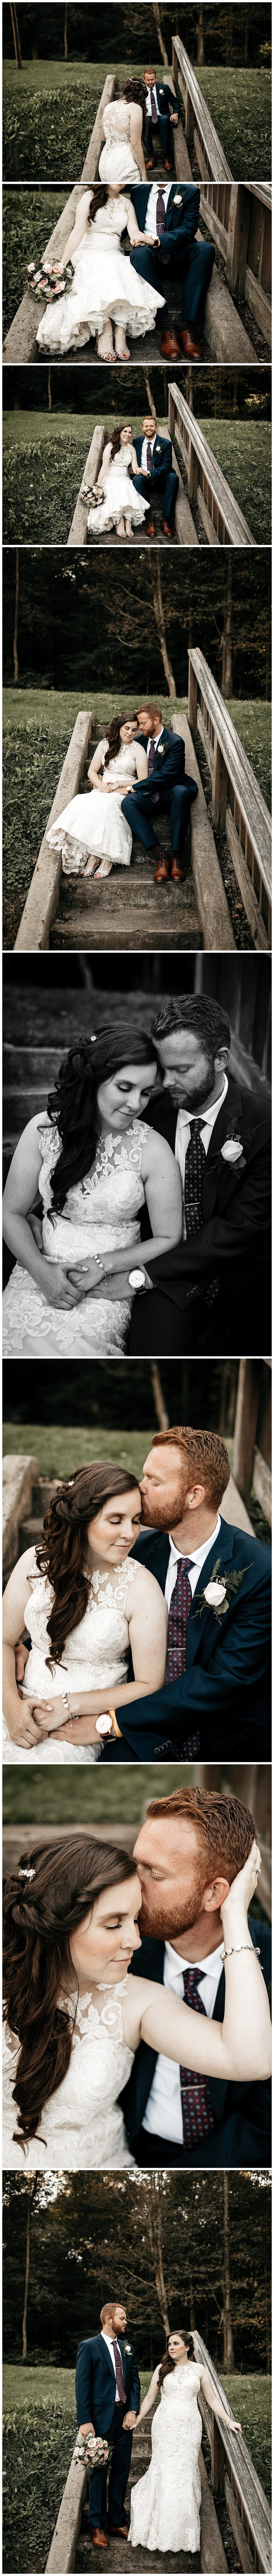 bradysrunlodgeweddingphotos_0010.jpg